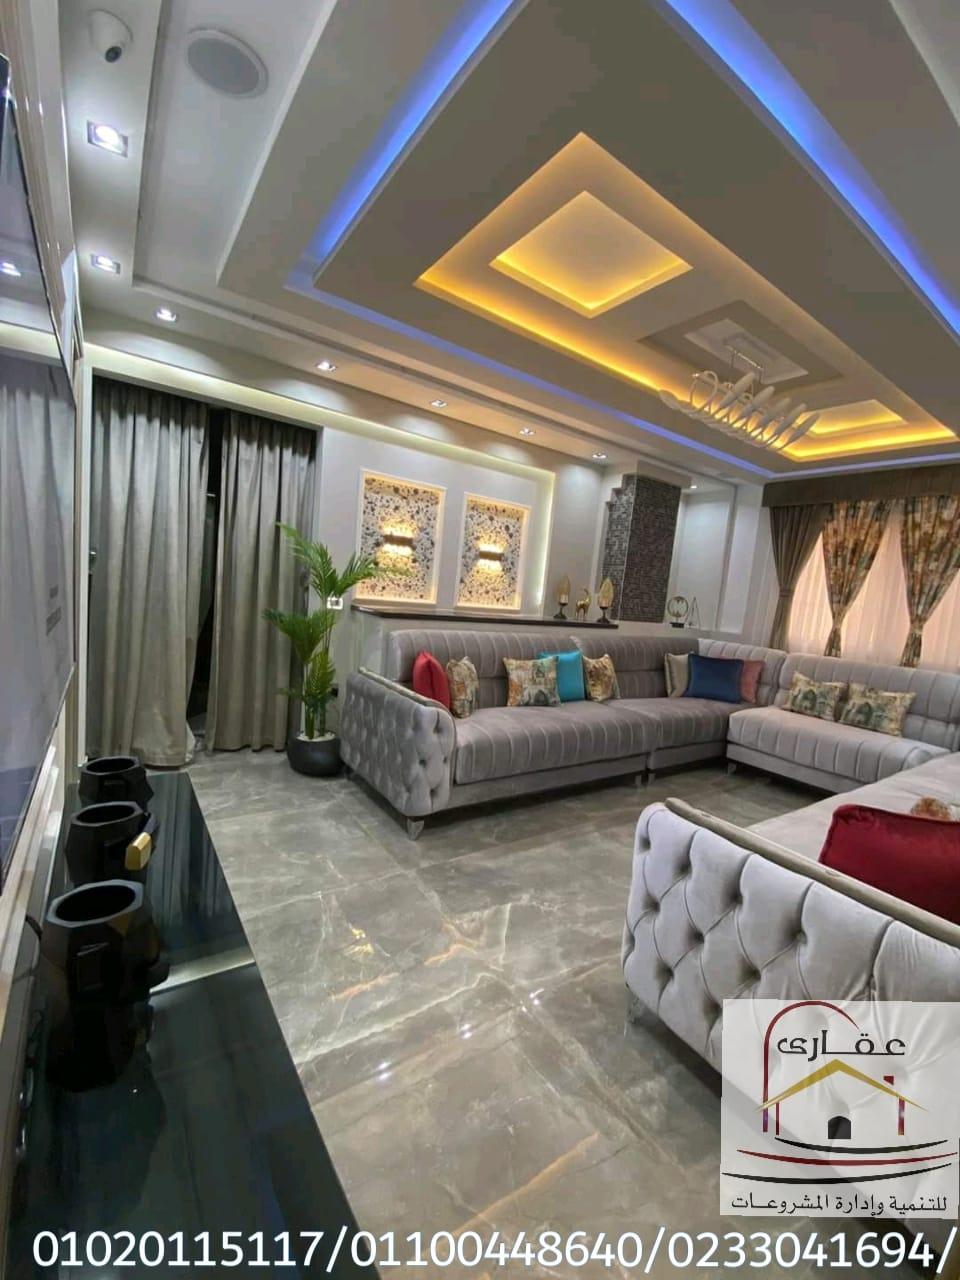 افضل شركة ديكورات فى مصر 2020 شركة عقارى 01100448640 Img-2470